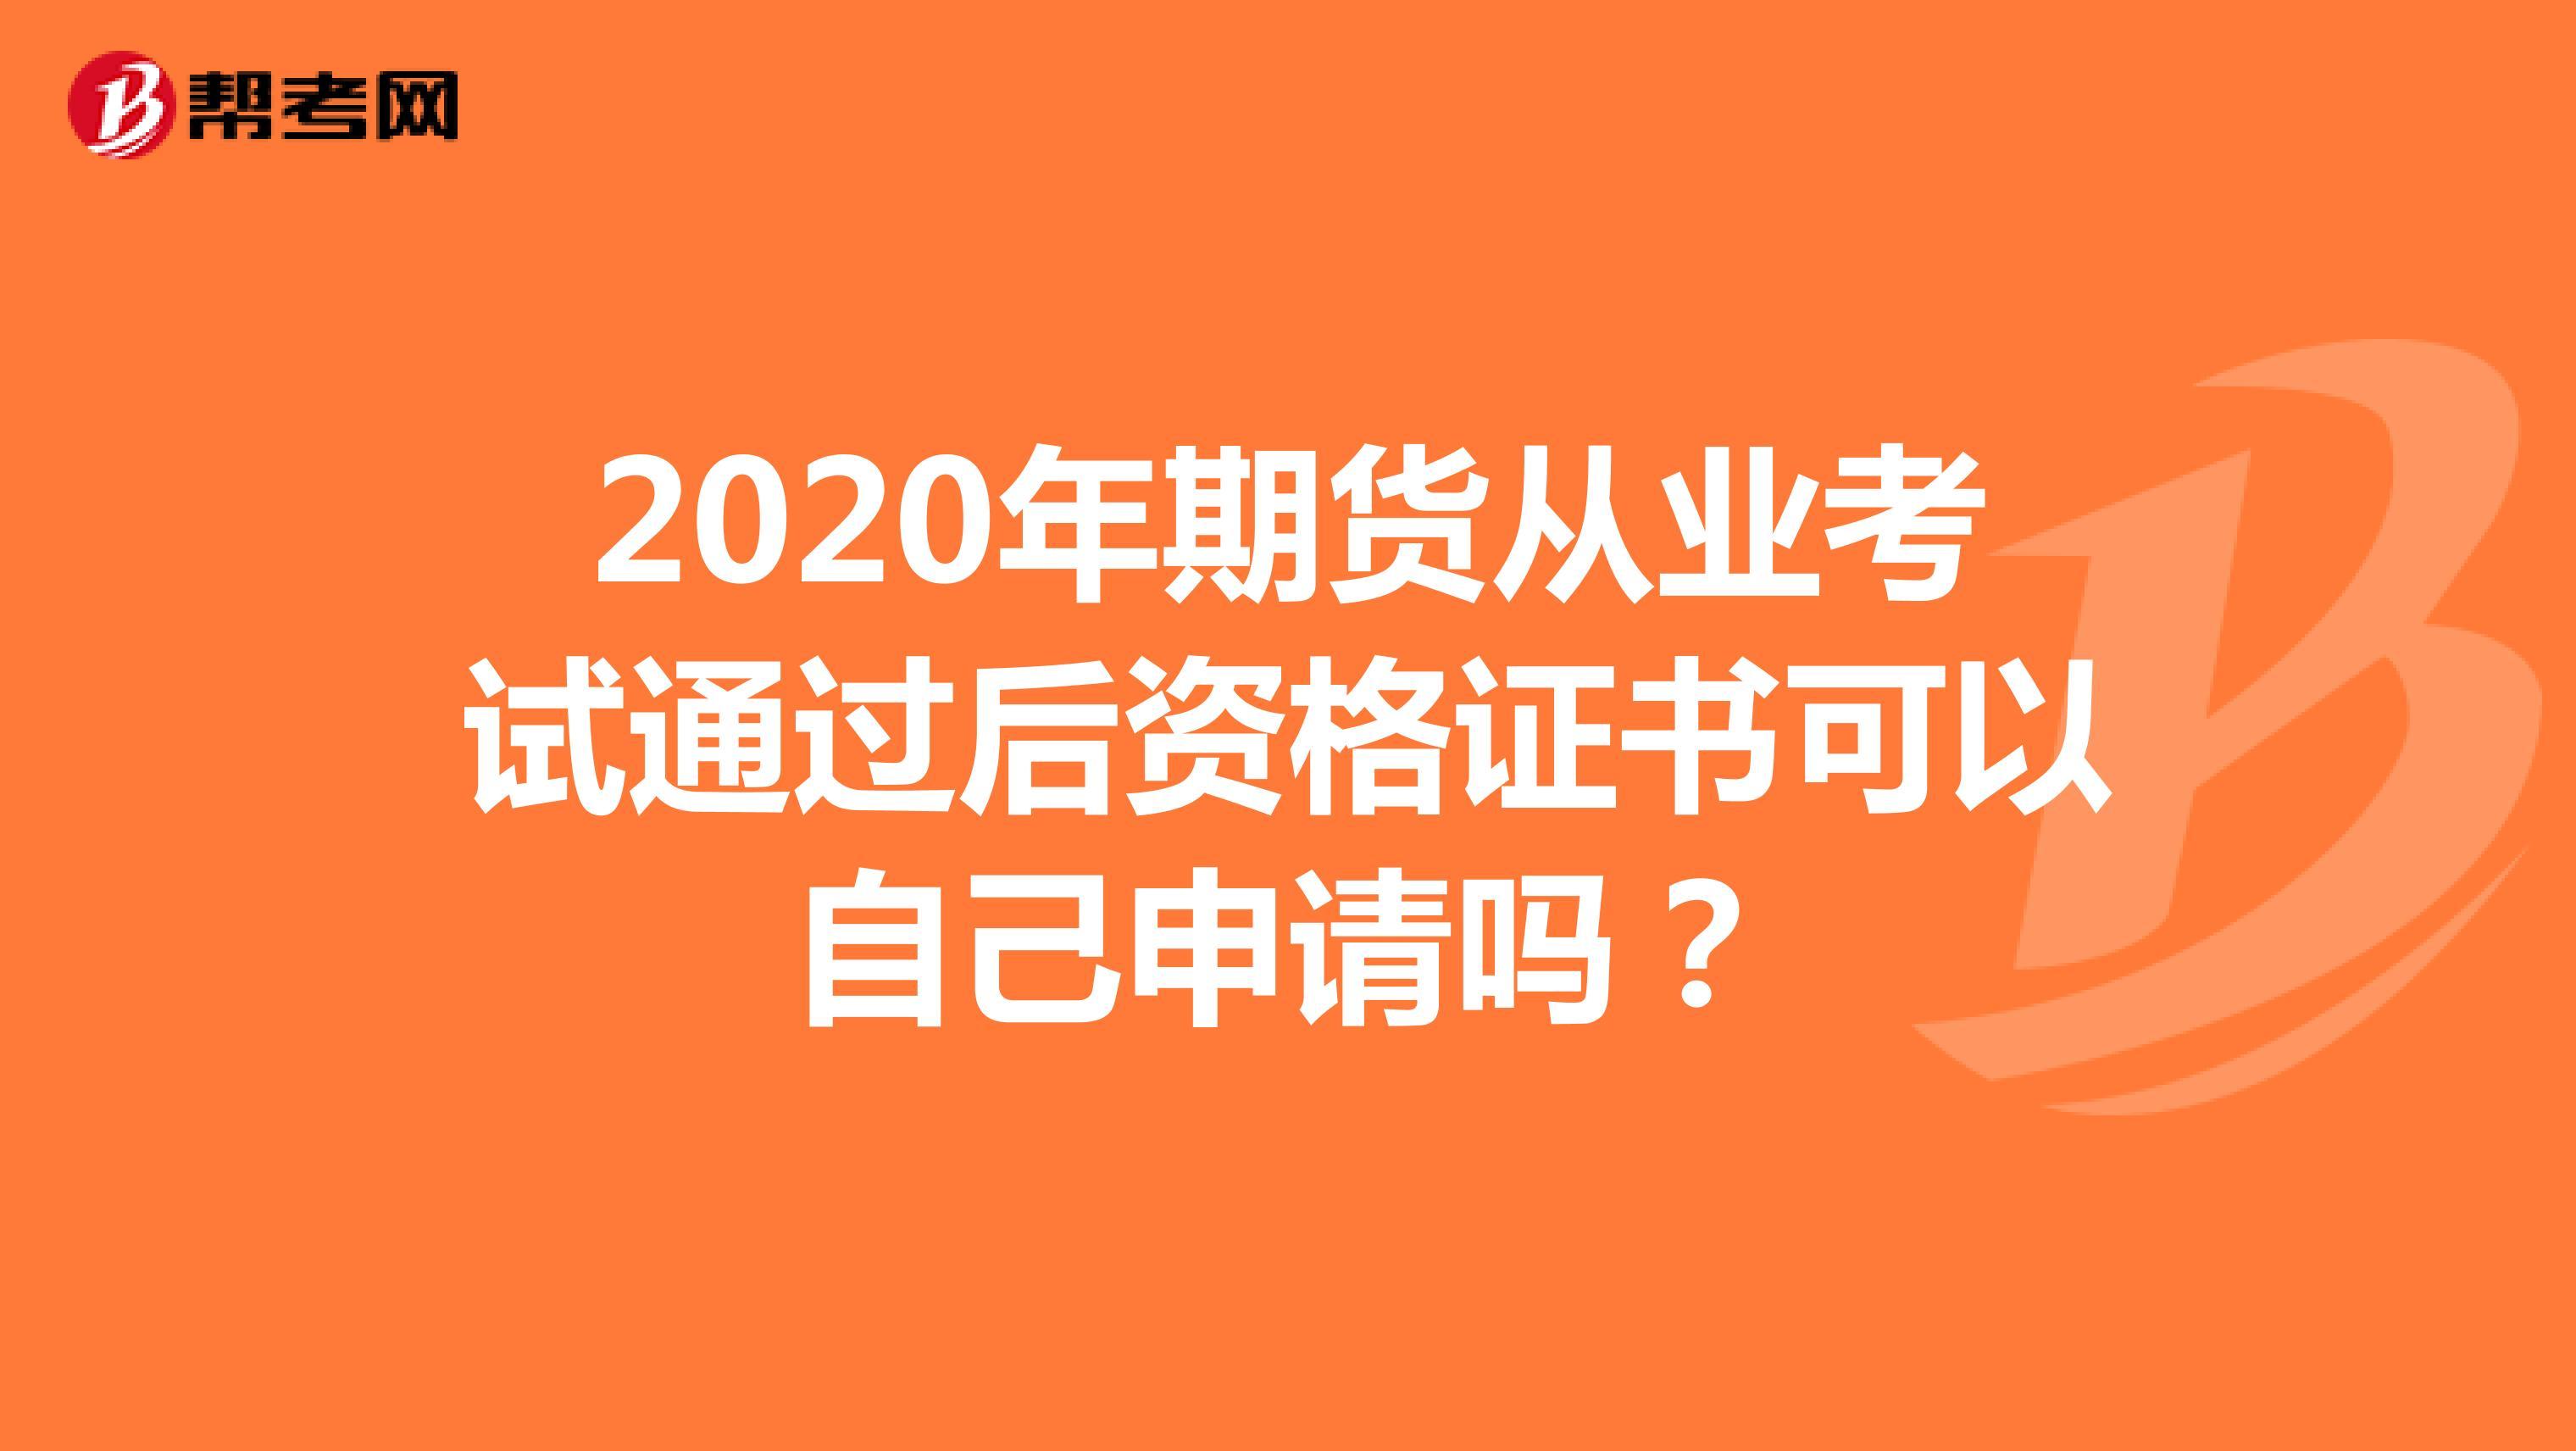 2020年期货从业考试通过后资格证书可以自己申请吗?